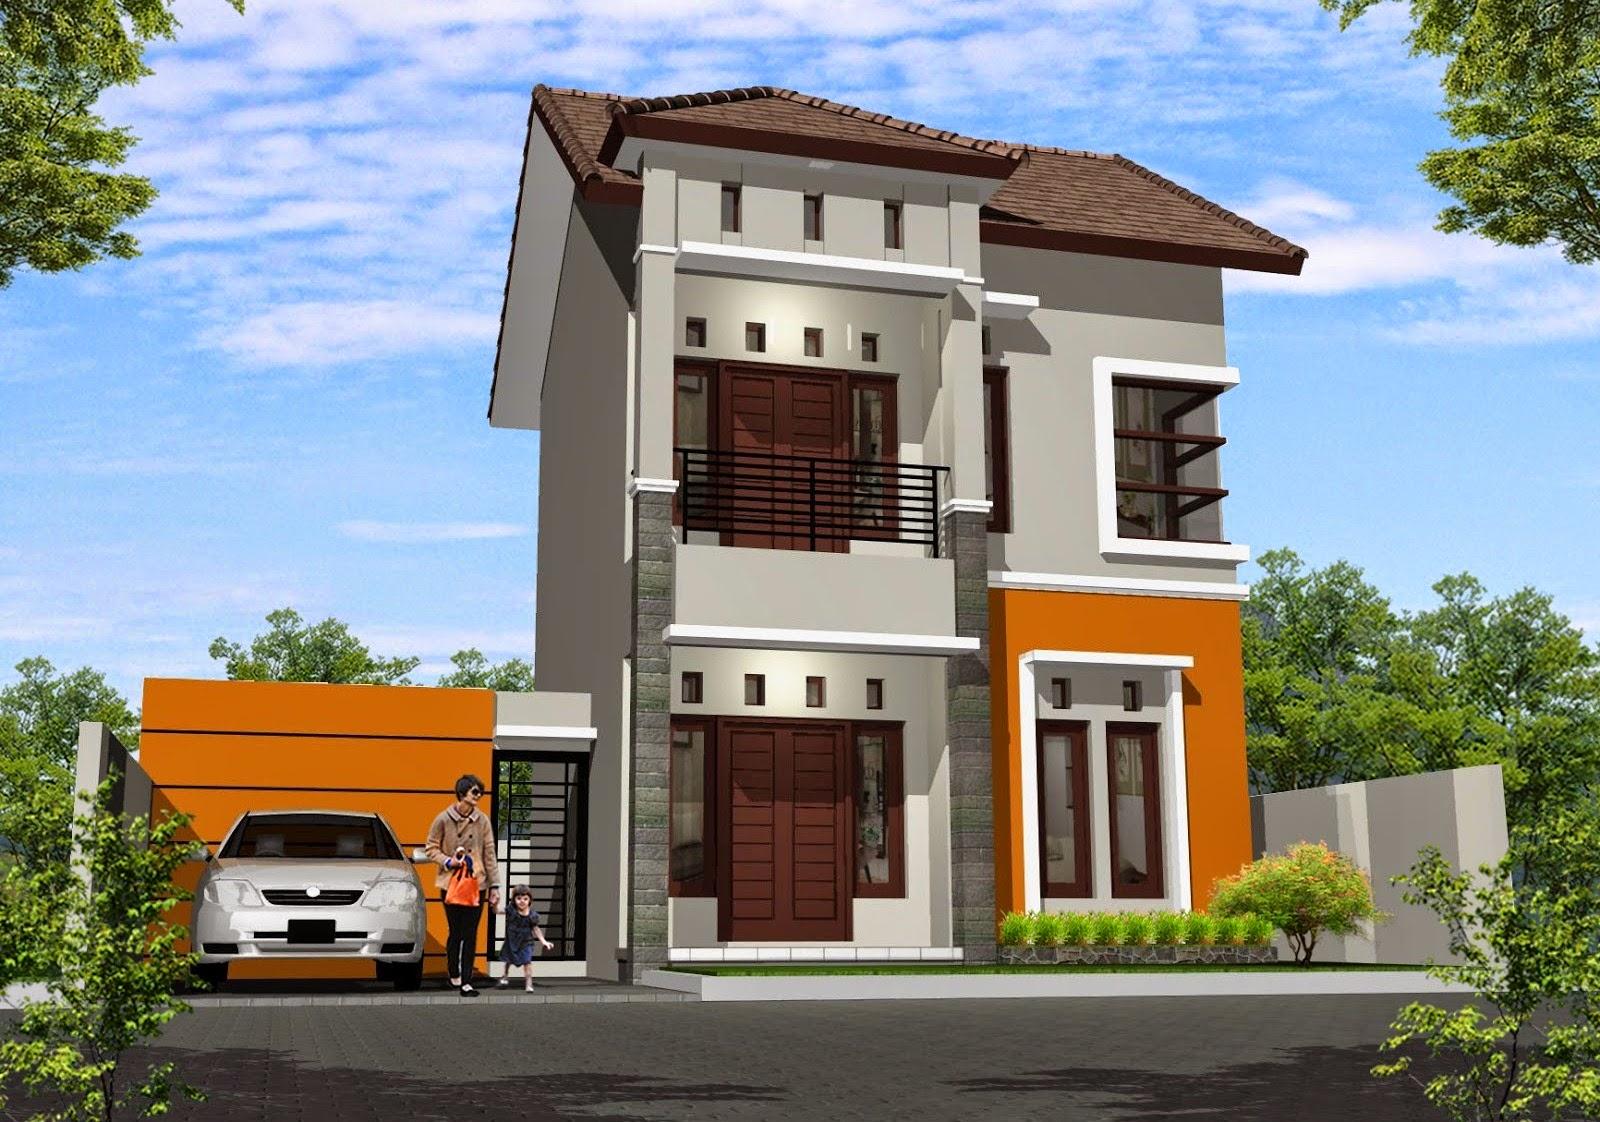 12 Desain Rumah Minimalis 2 Lantai Type 45 Paling Diminati  Rumah Minimalis NYA